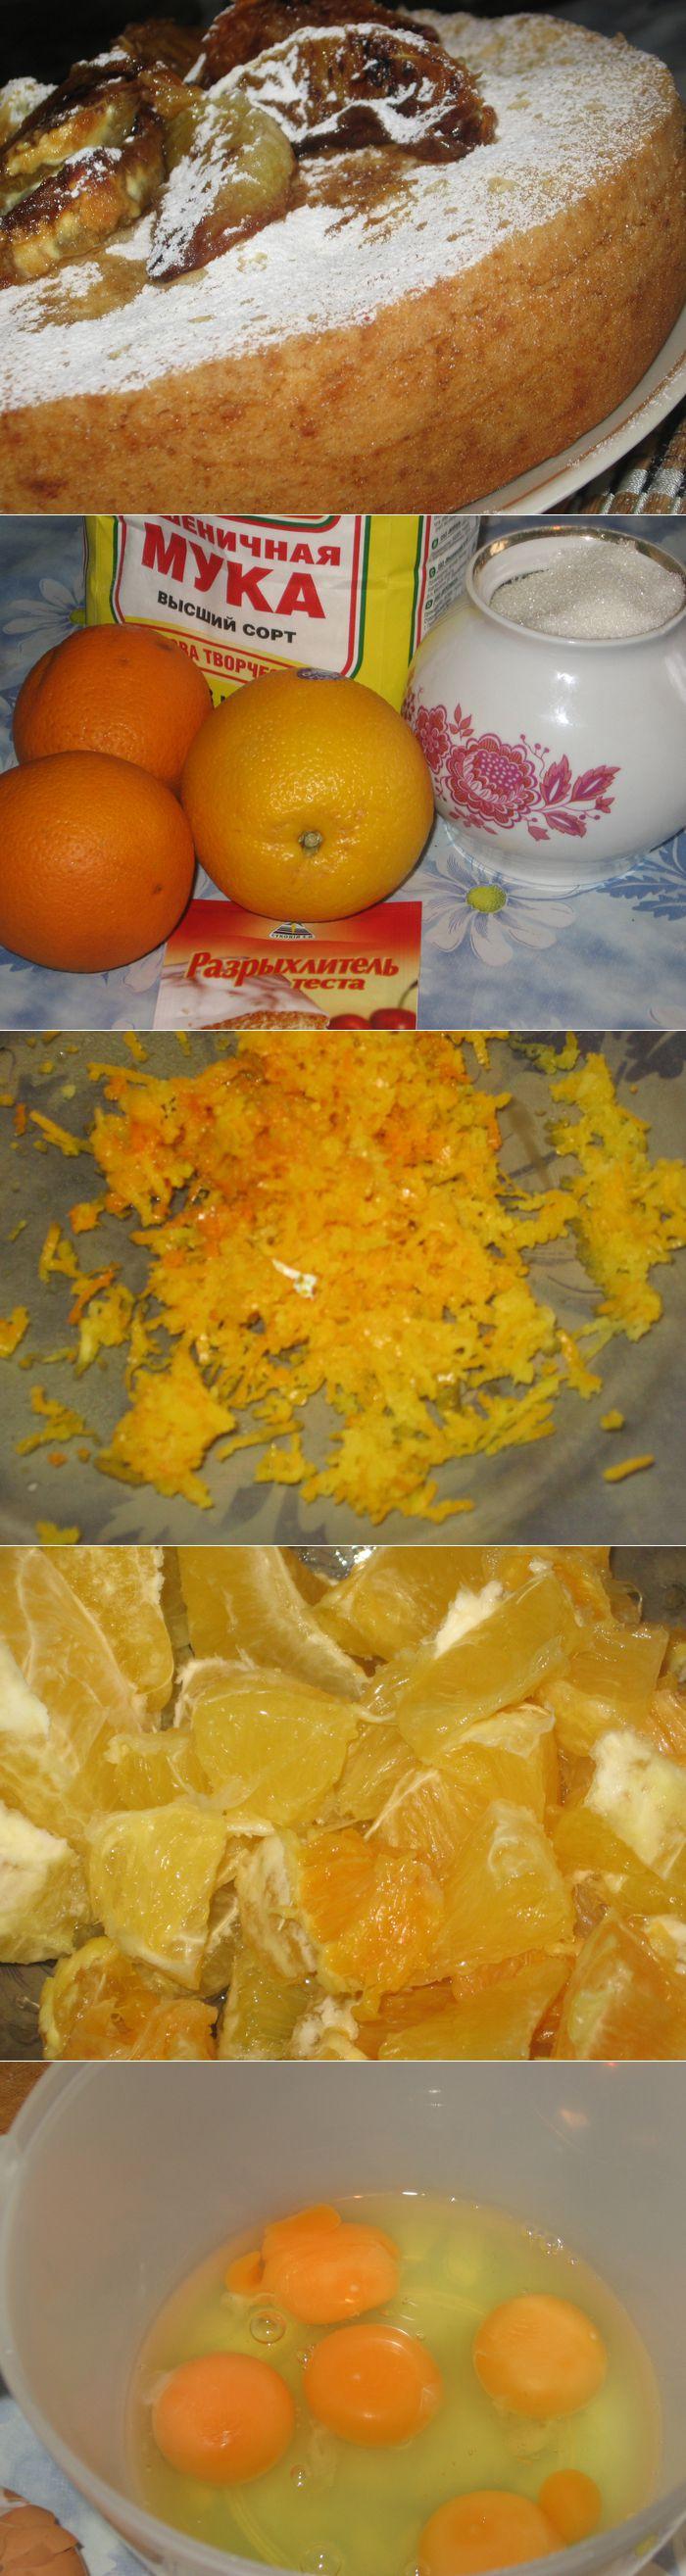 Рецепт шарлотки с апельсином – очень вкусный пирог из простейшего в приготовлении теста с приятной кислинкой и тонким ароматом цитрусовых – с пошаговым описанием и большим количеством фото.